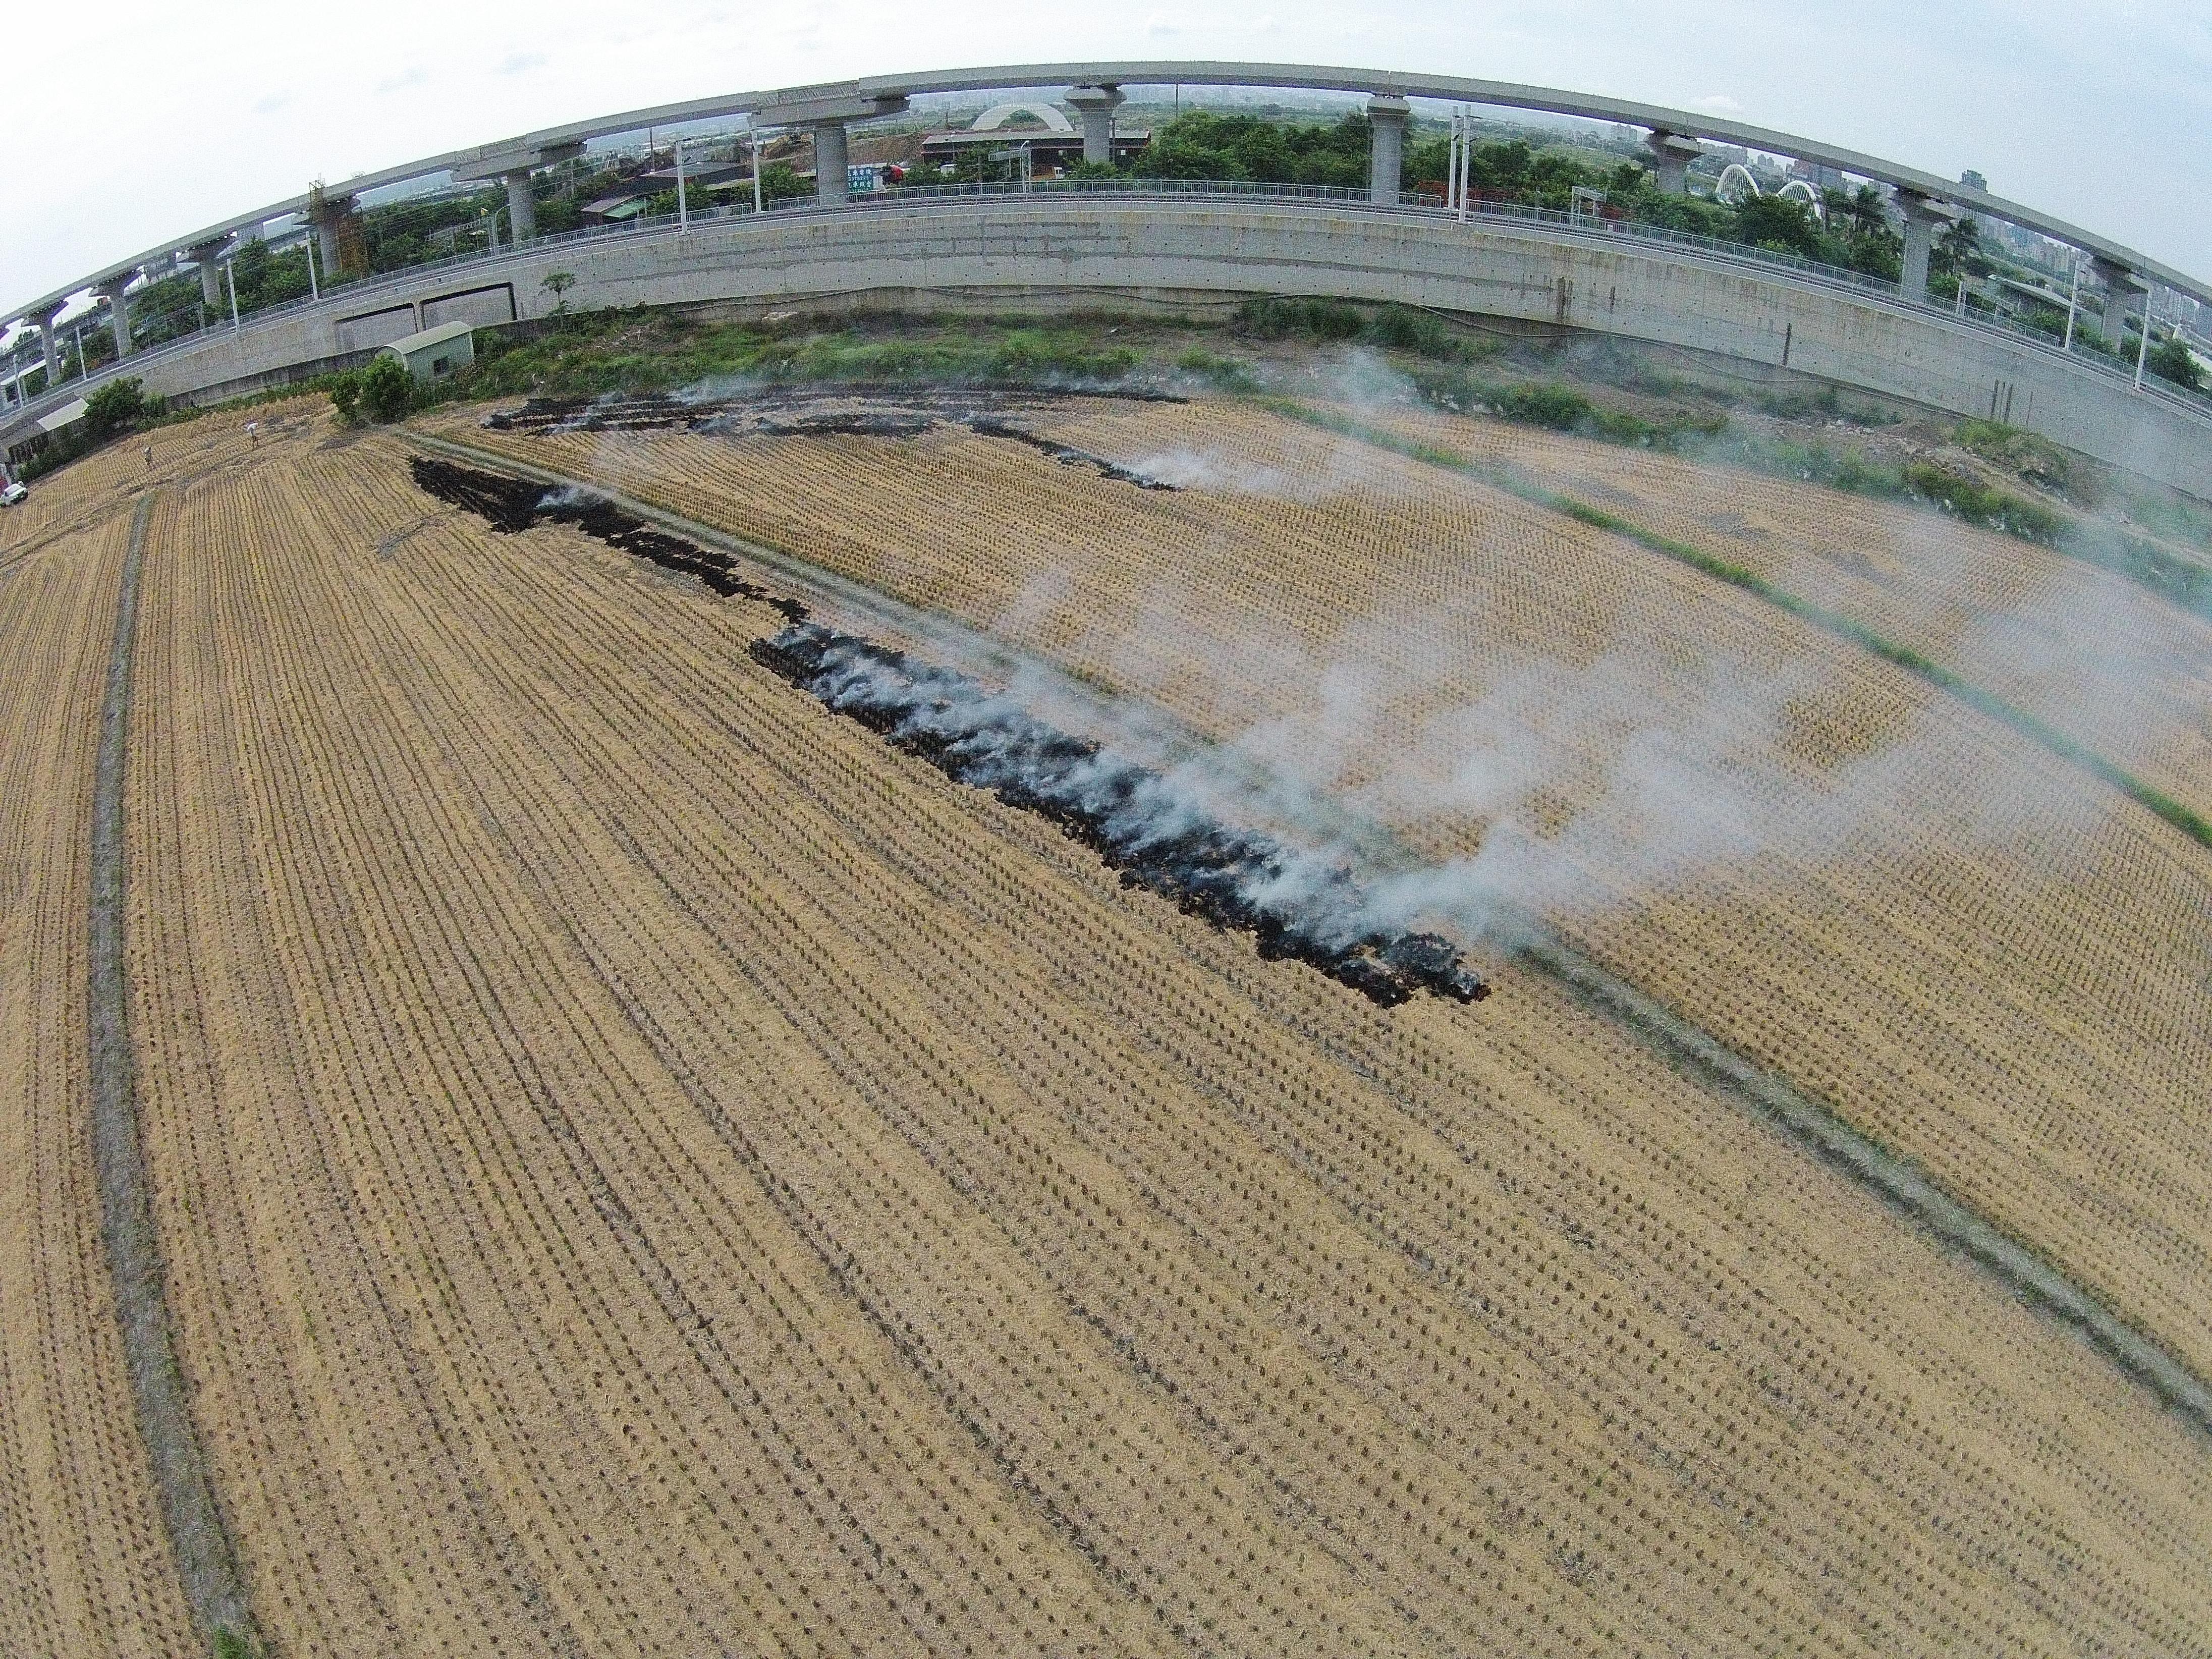 稻草賣擱燒啊!市府蒐證開罰並推廣稻草掩埋補助